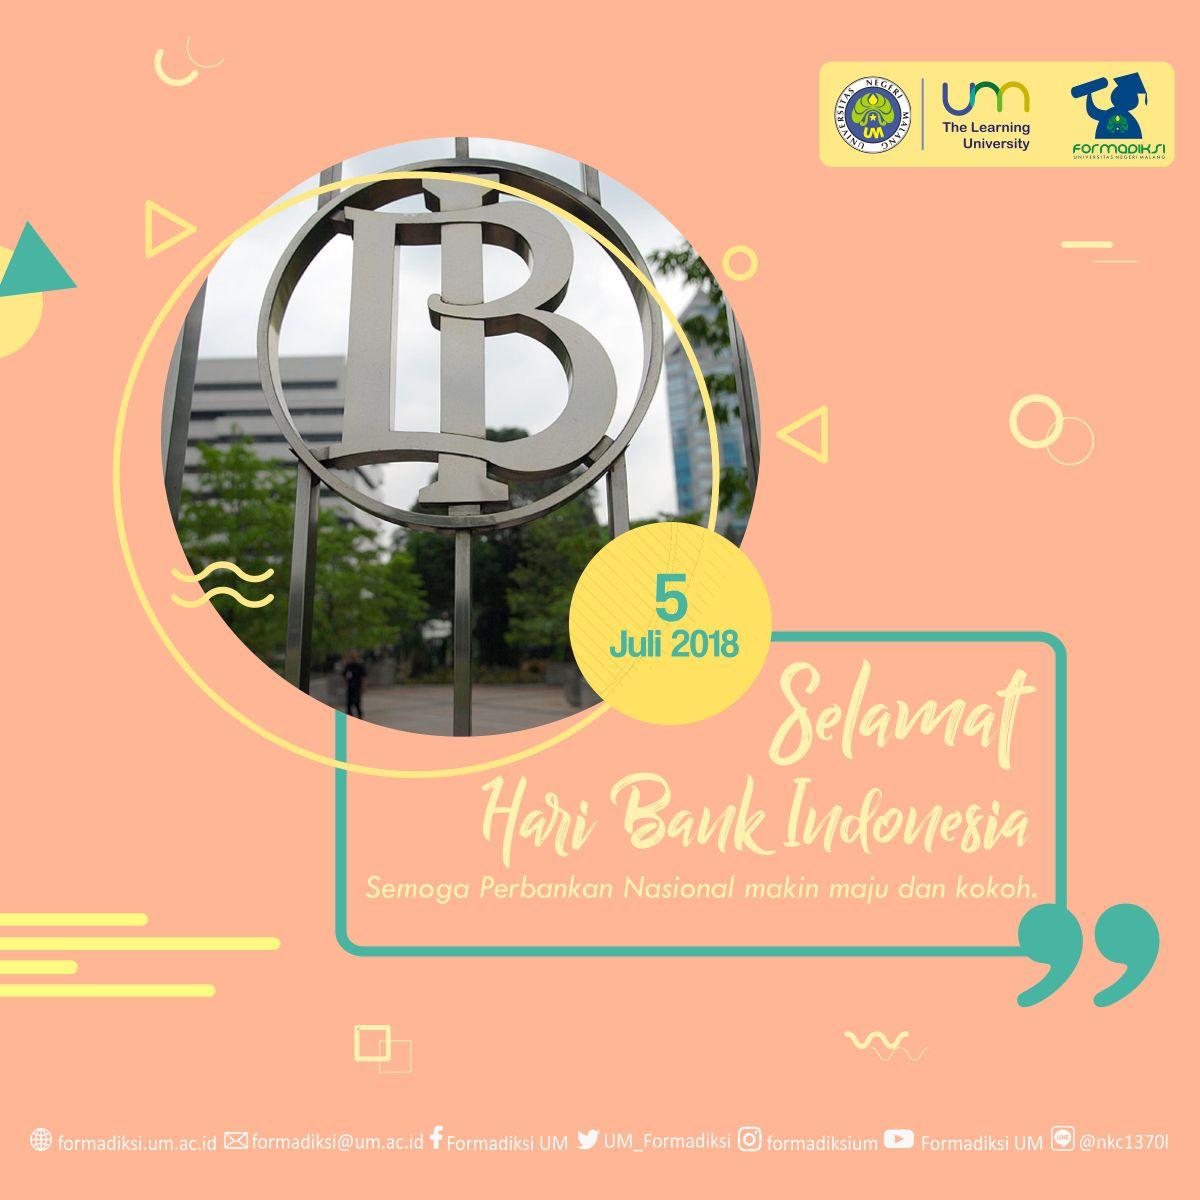 [5 Juli 2018] Selamat Hari Bank Indonesia!  Semoga perbankan Bank Indonesia menjadi lebih komprehensif sehingga dapat mendorong pertumbuhan ekonomi dan meningkatkan pelaksanaan kebijakan moneter.  #BidikmisiBerprestasiTiadaHenti #FormadiksiUMSukses #haribankindonesia